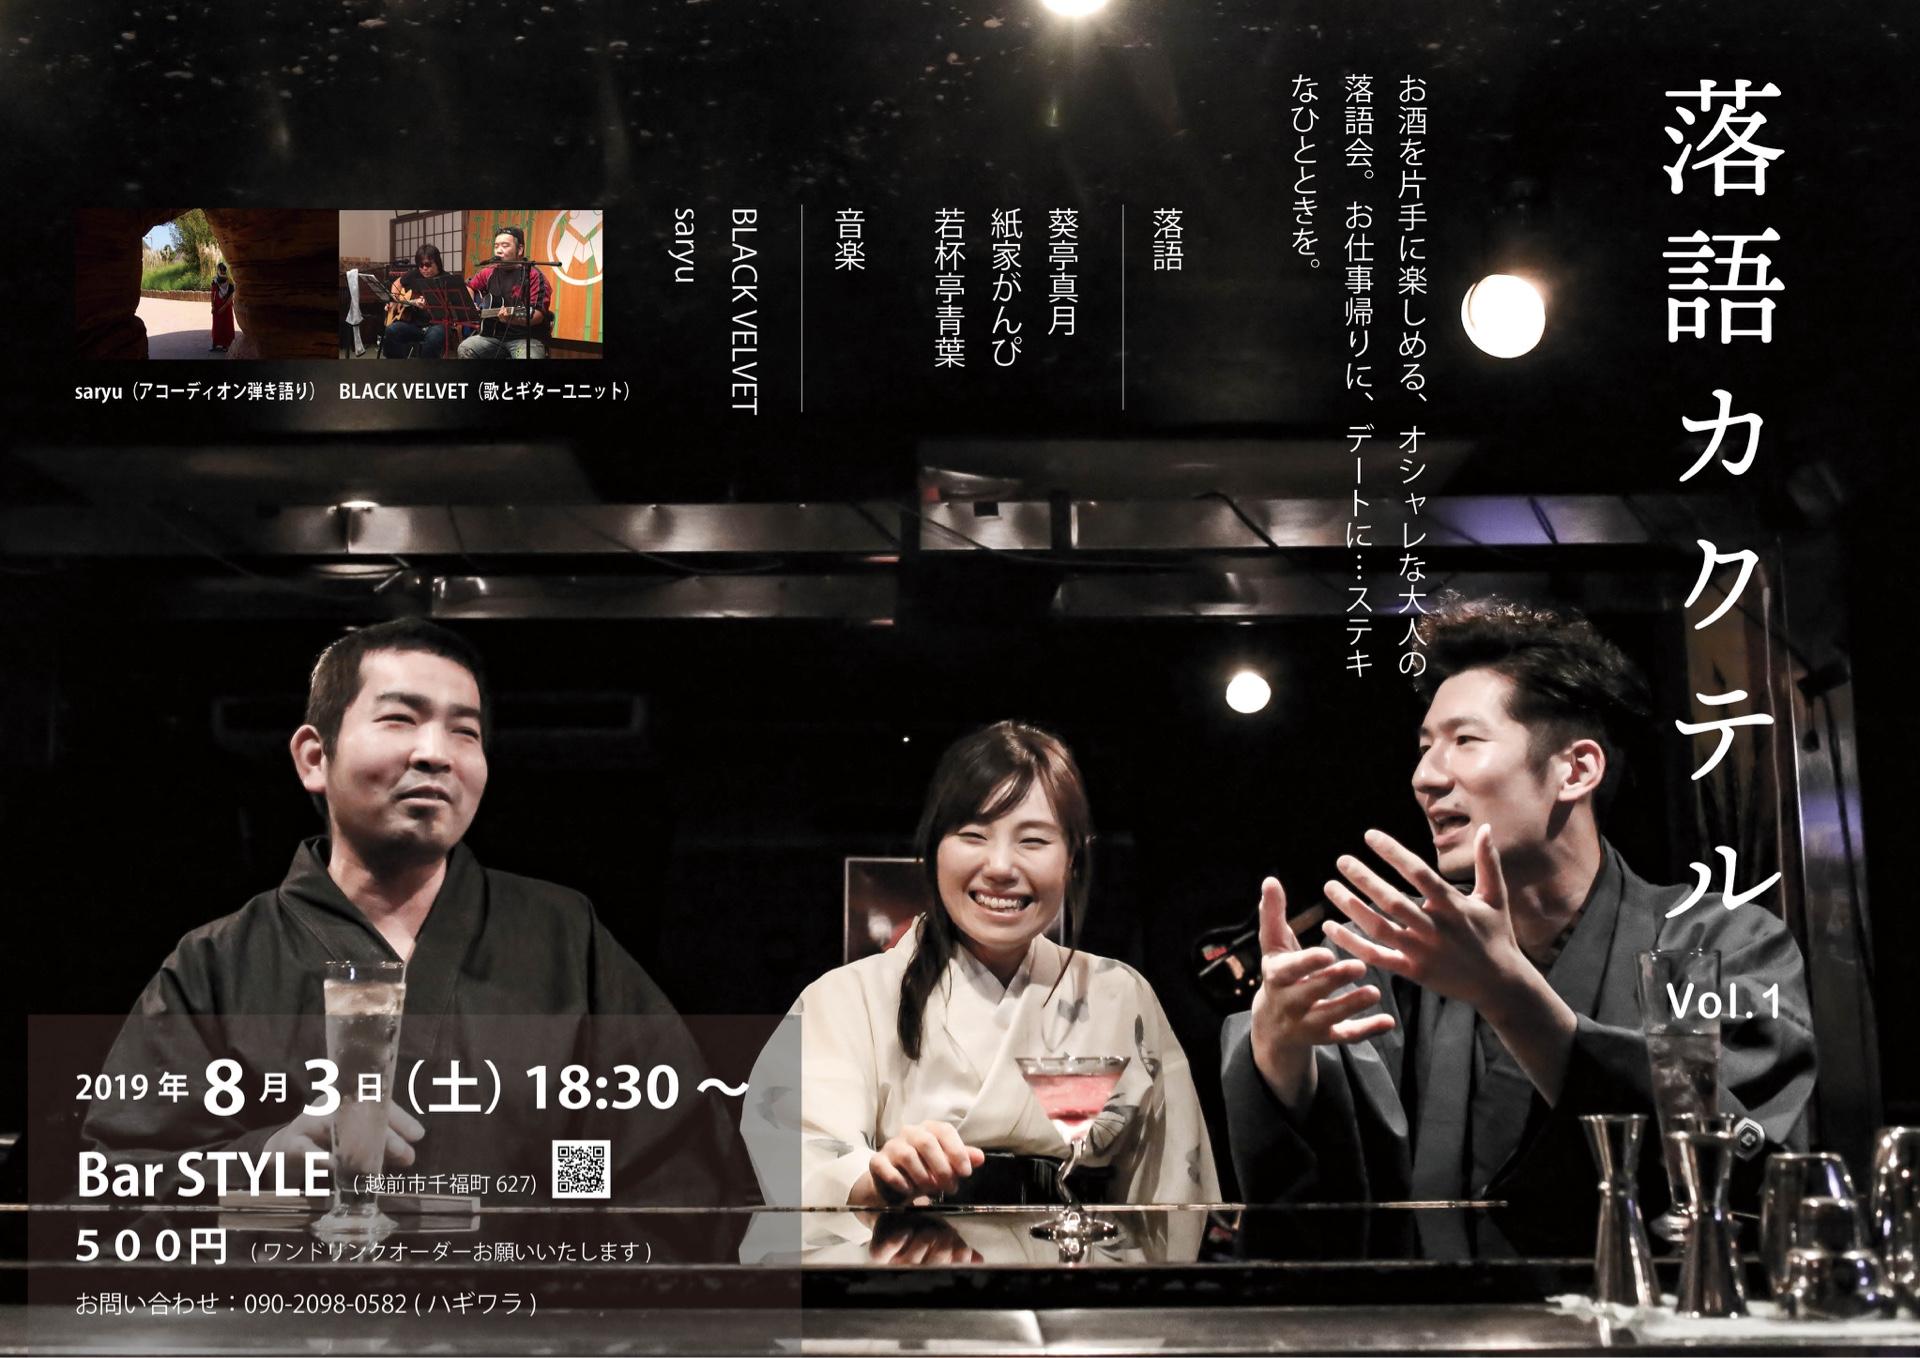 「落語 月の会」の葵亭真月出演の落語イベントポスター